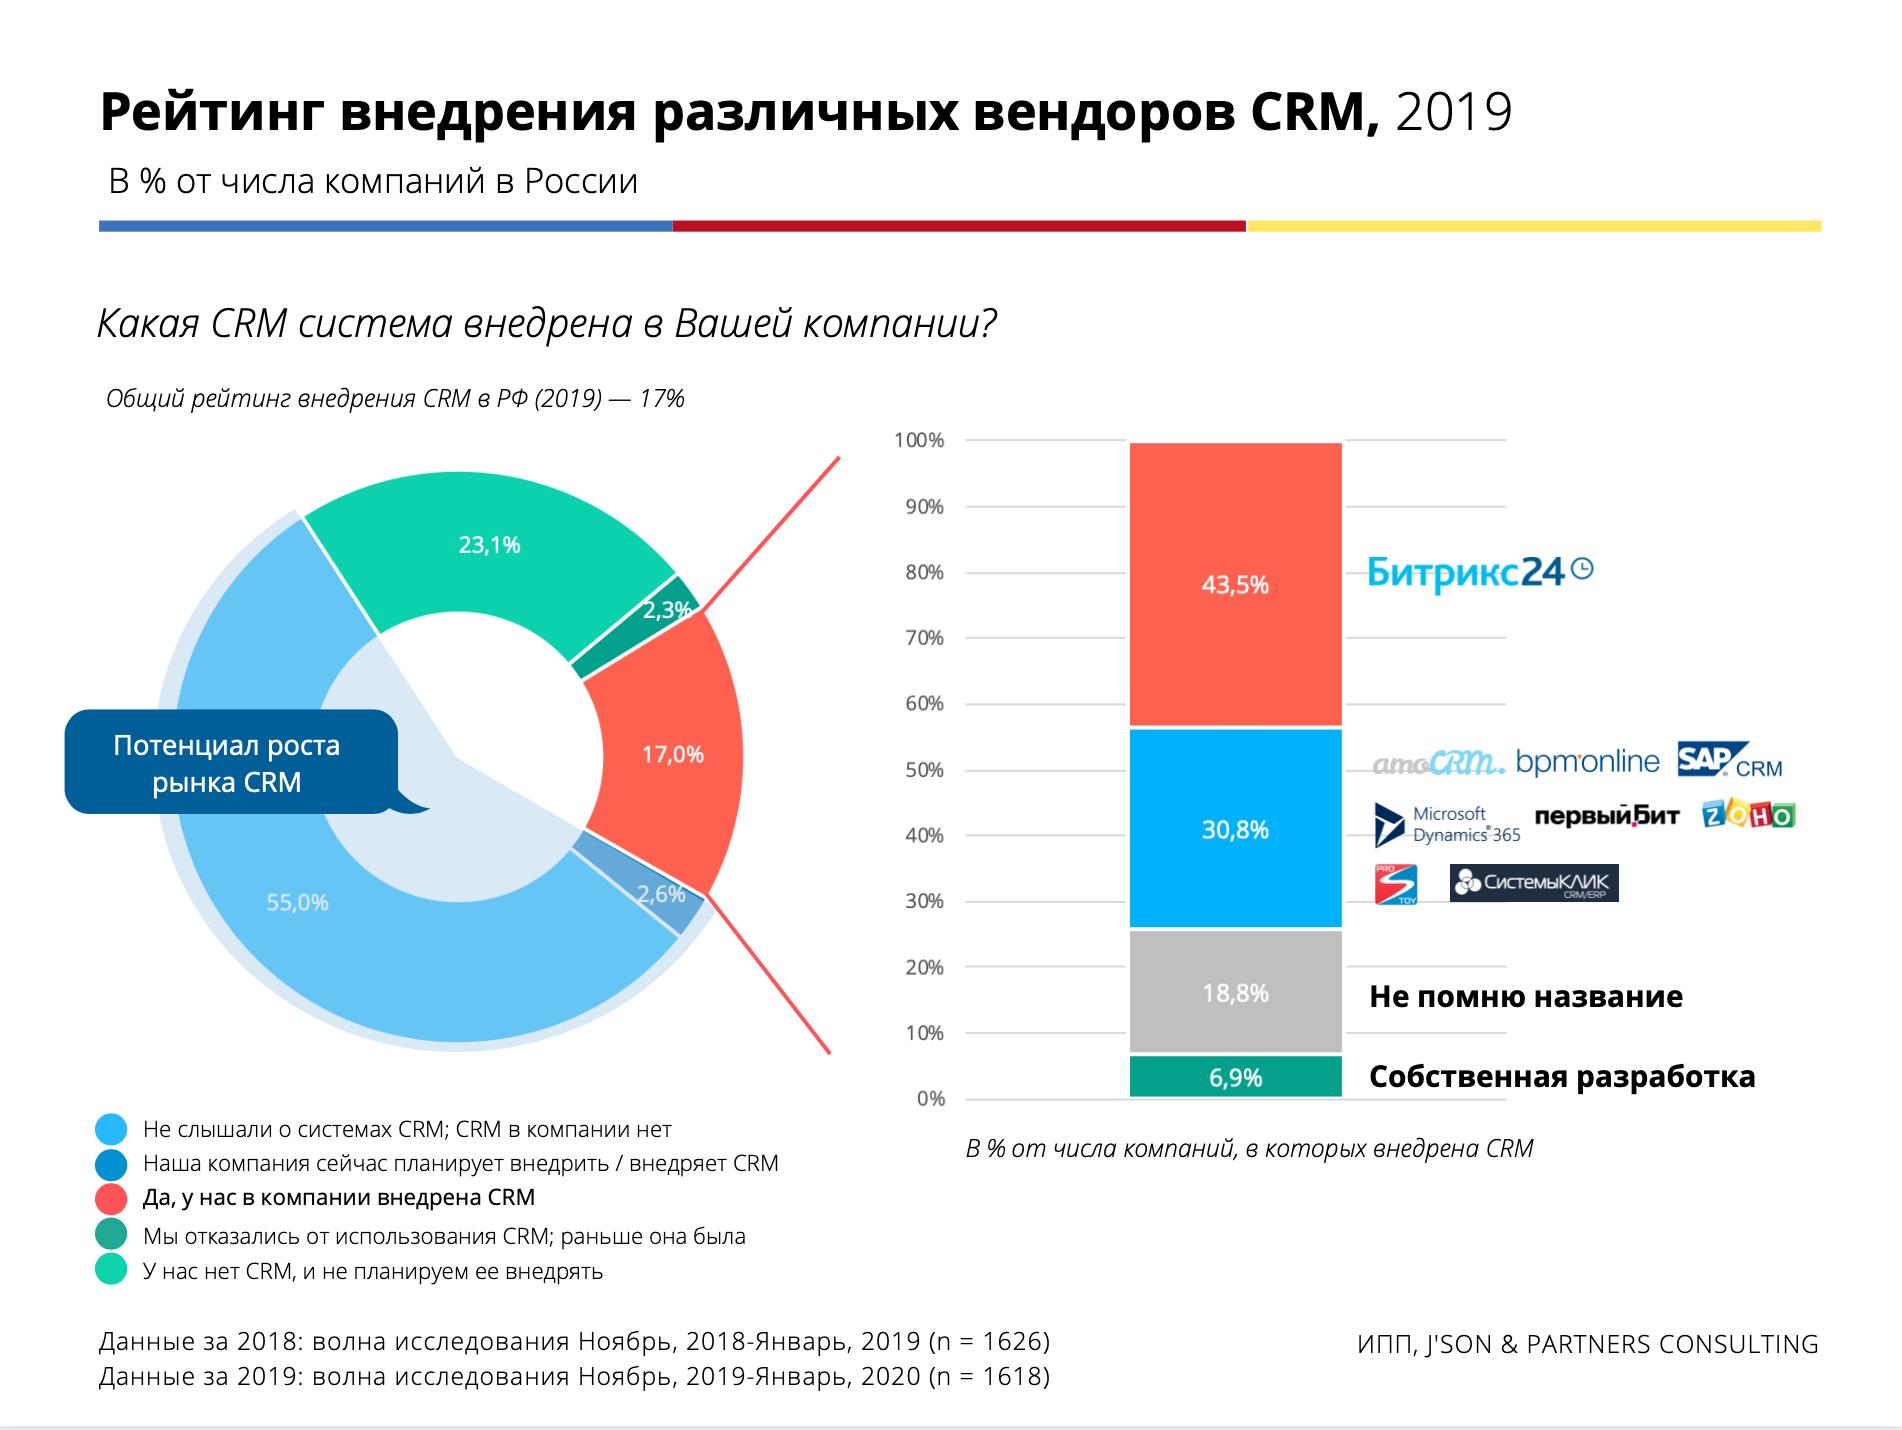 Рейтинг CRM-систем по количеству внедрений